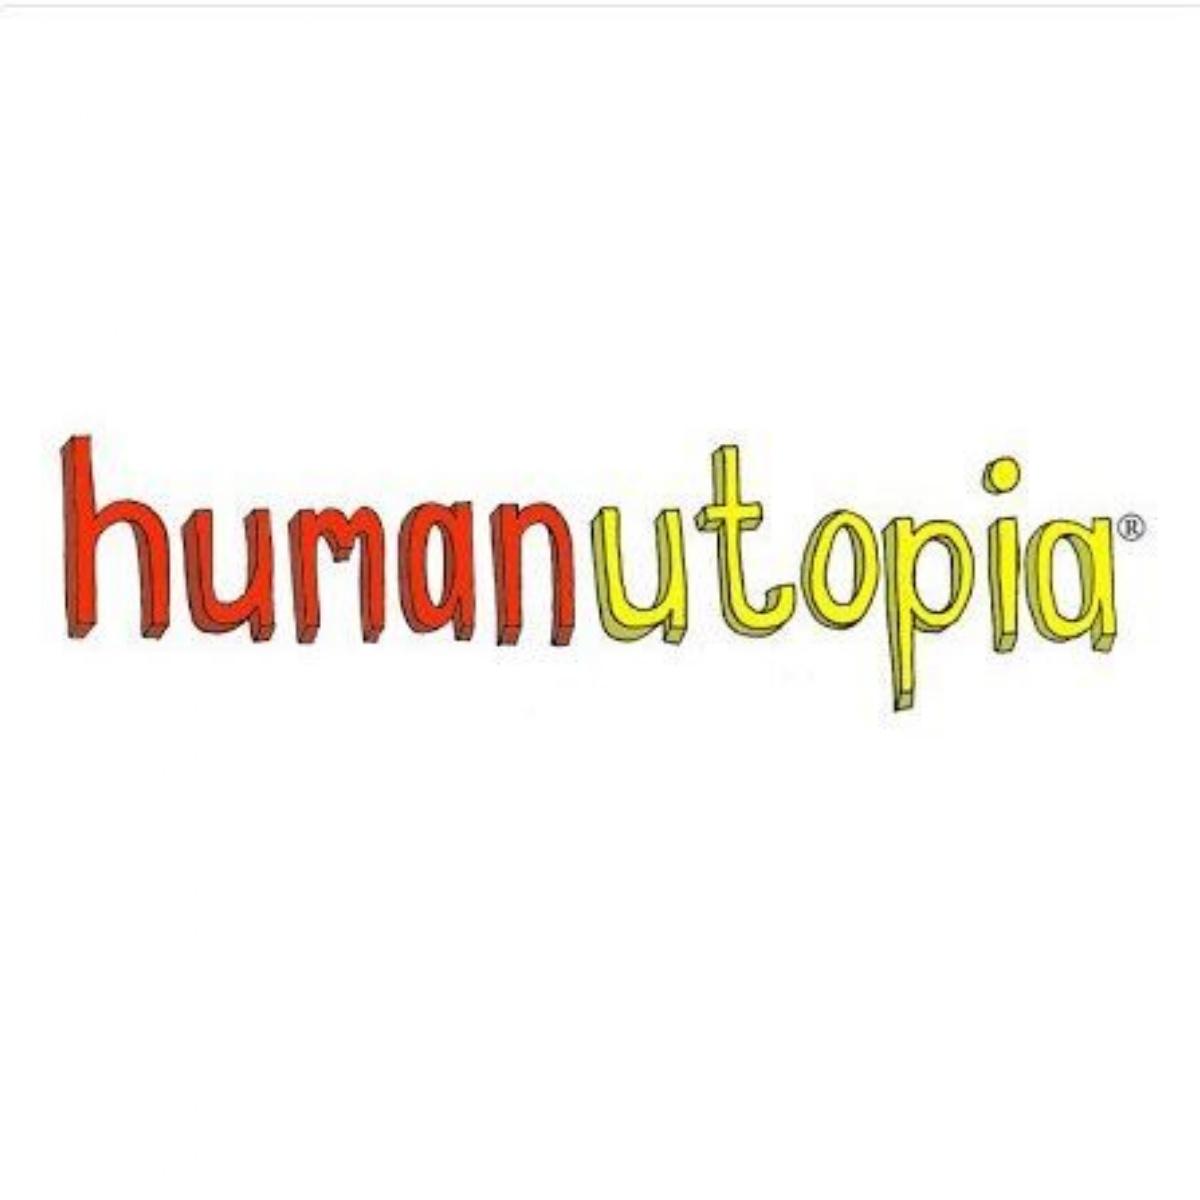 Humanutopia visit Pleckgate